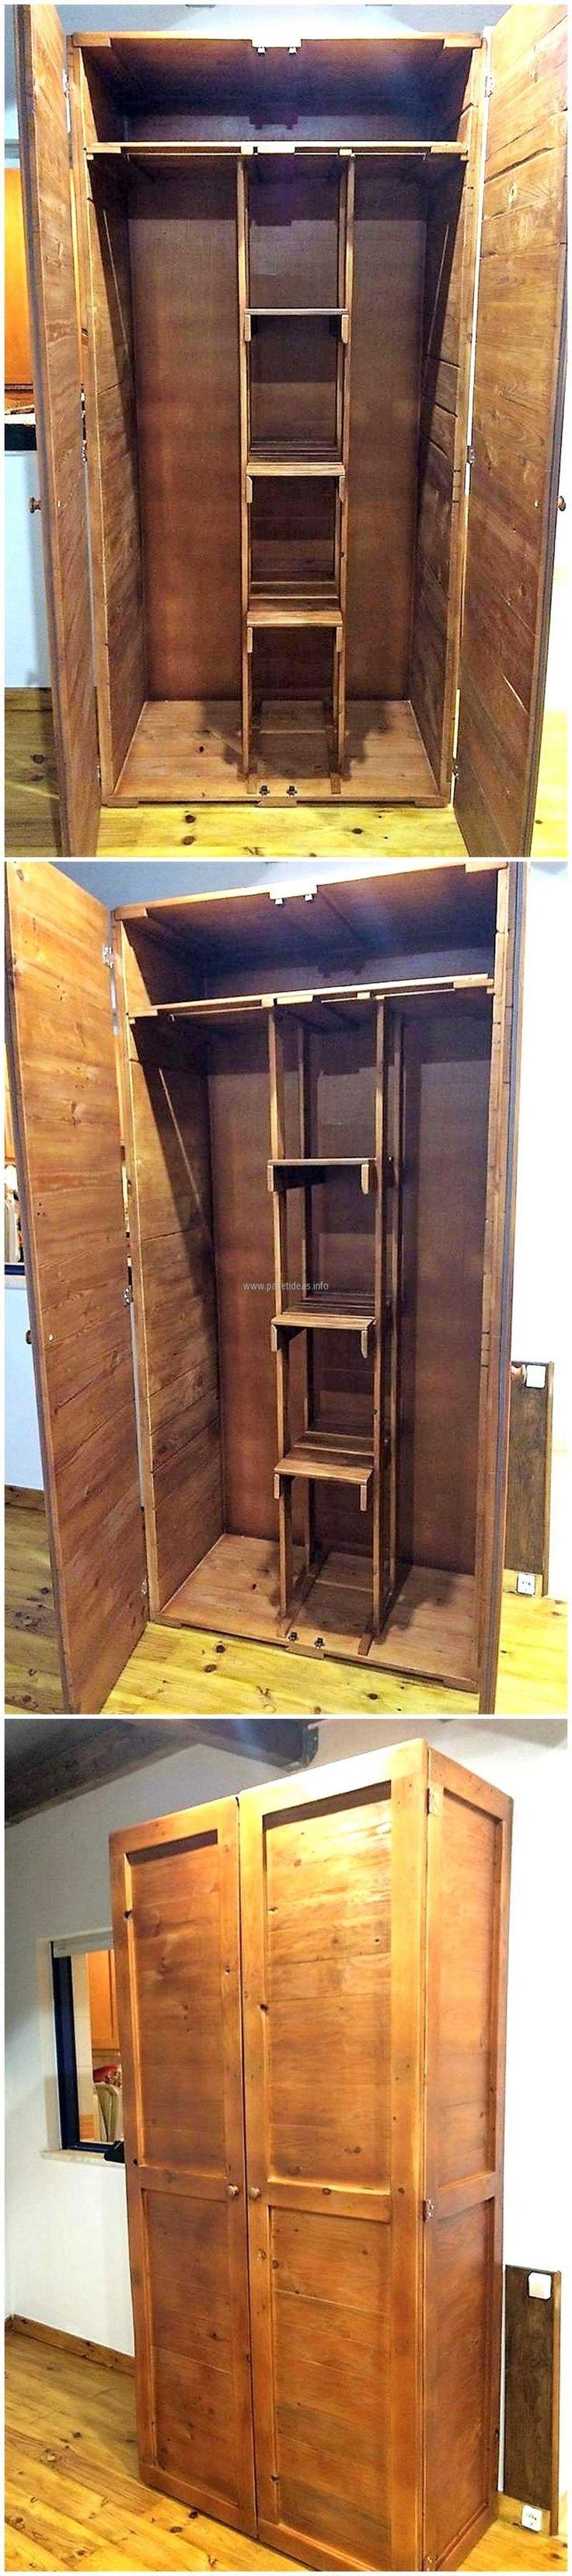 pallet wooden closet 1124 best Pallets images